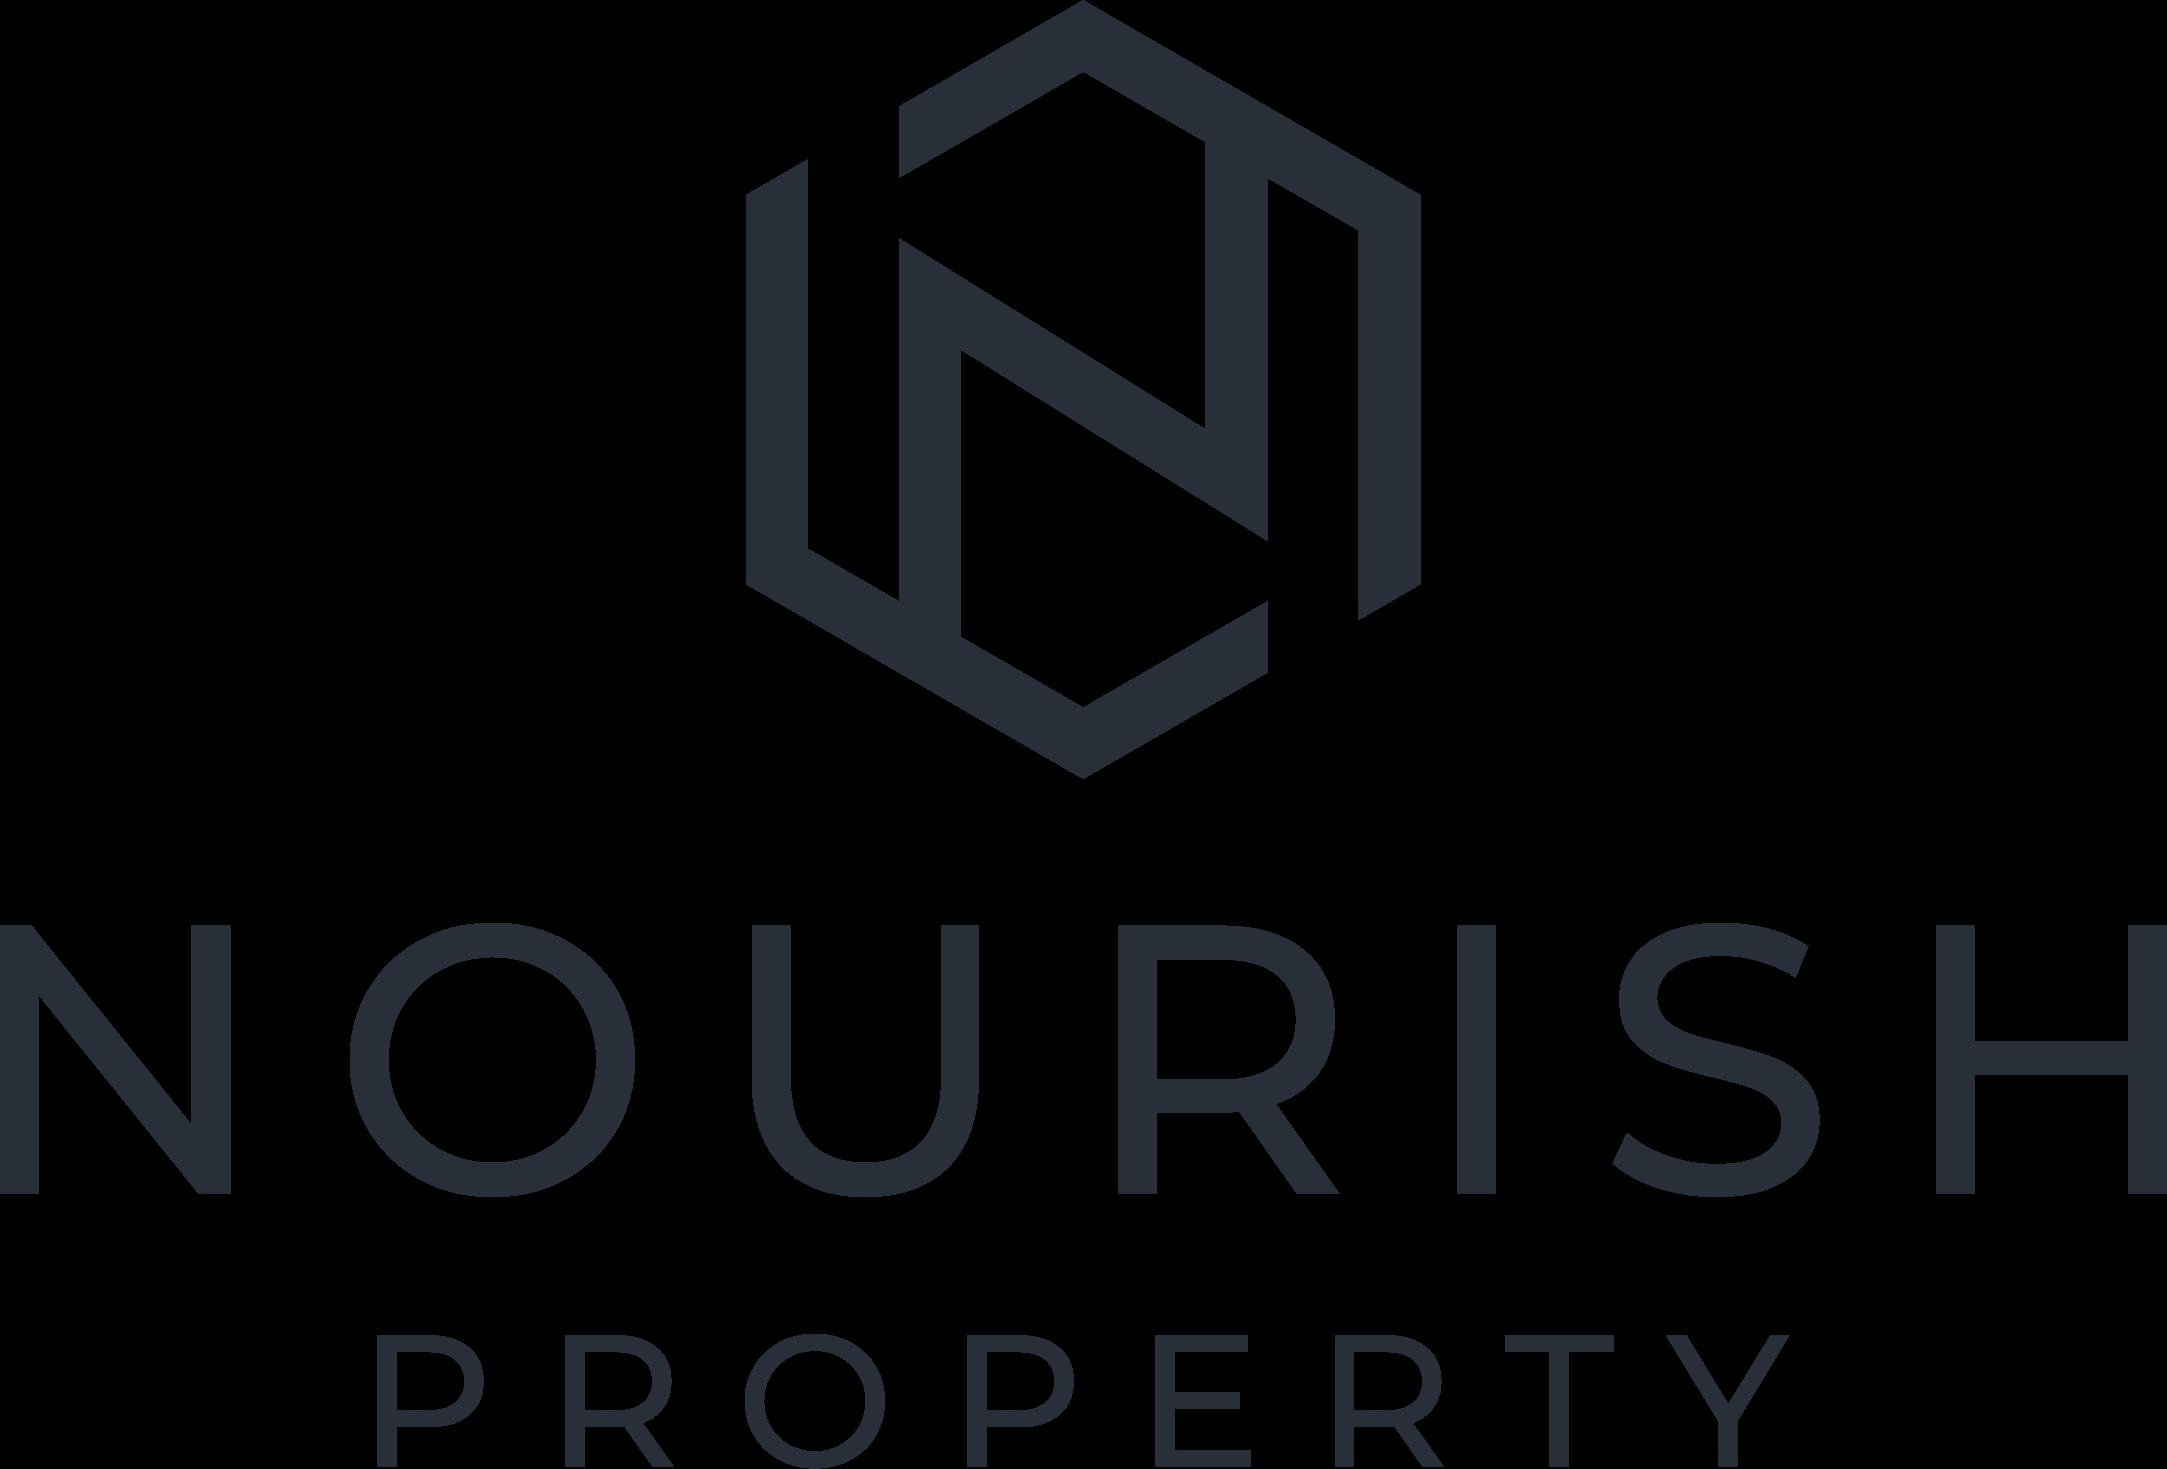 Nourish Property, Burswood, 6100